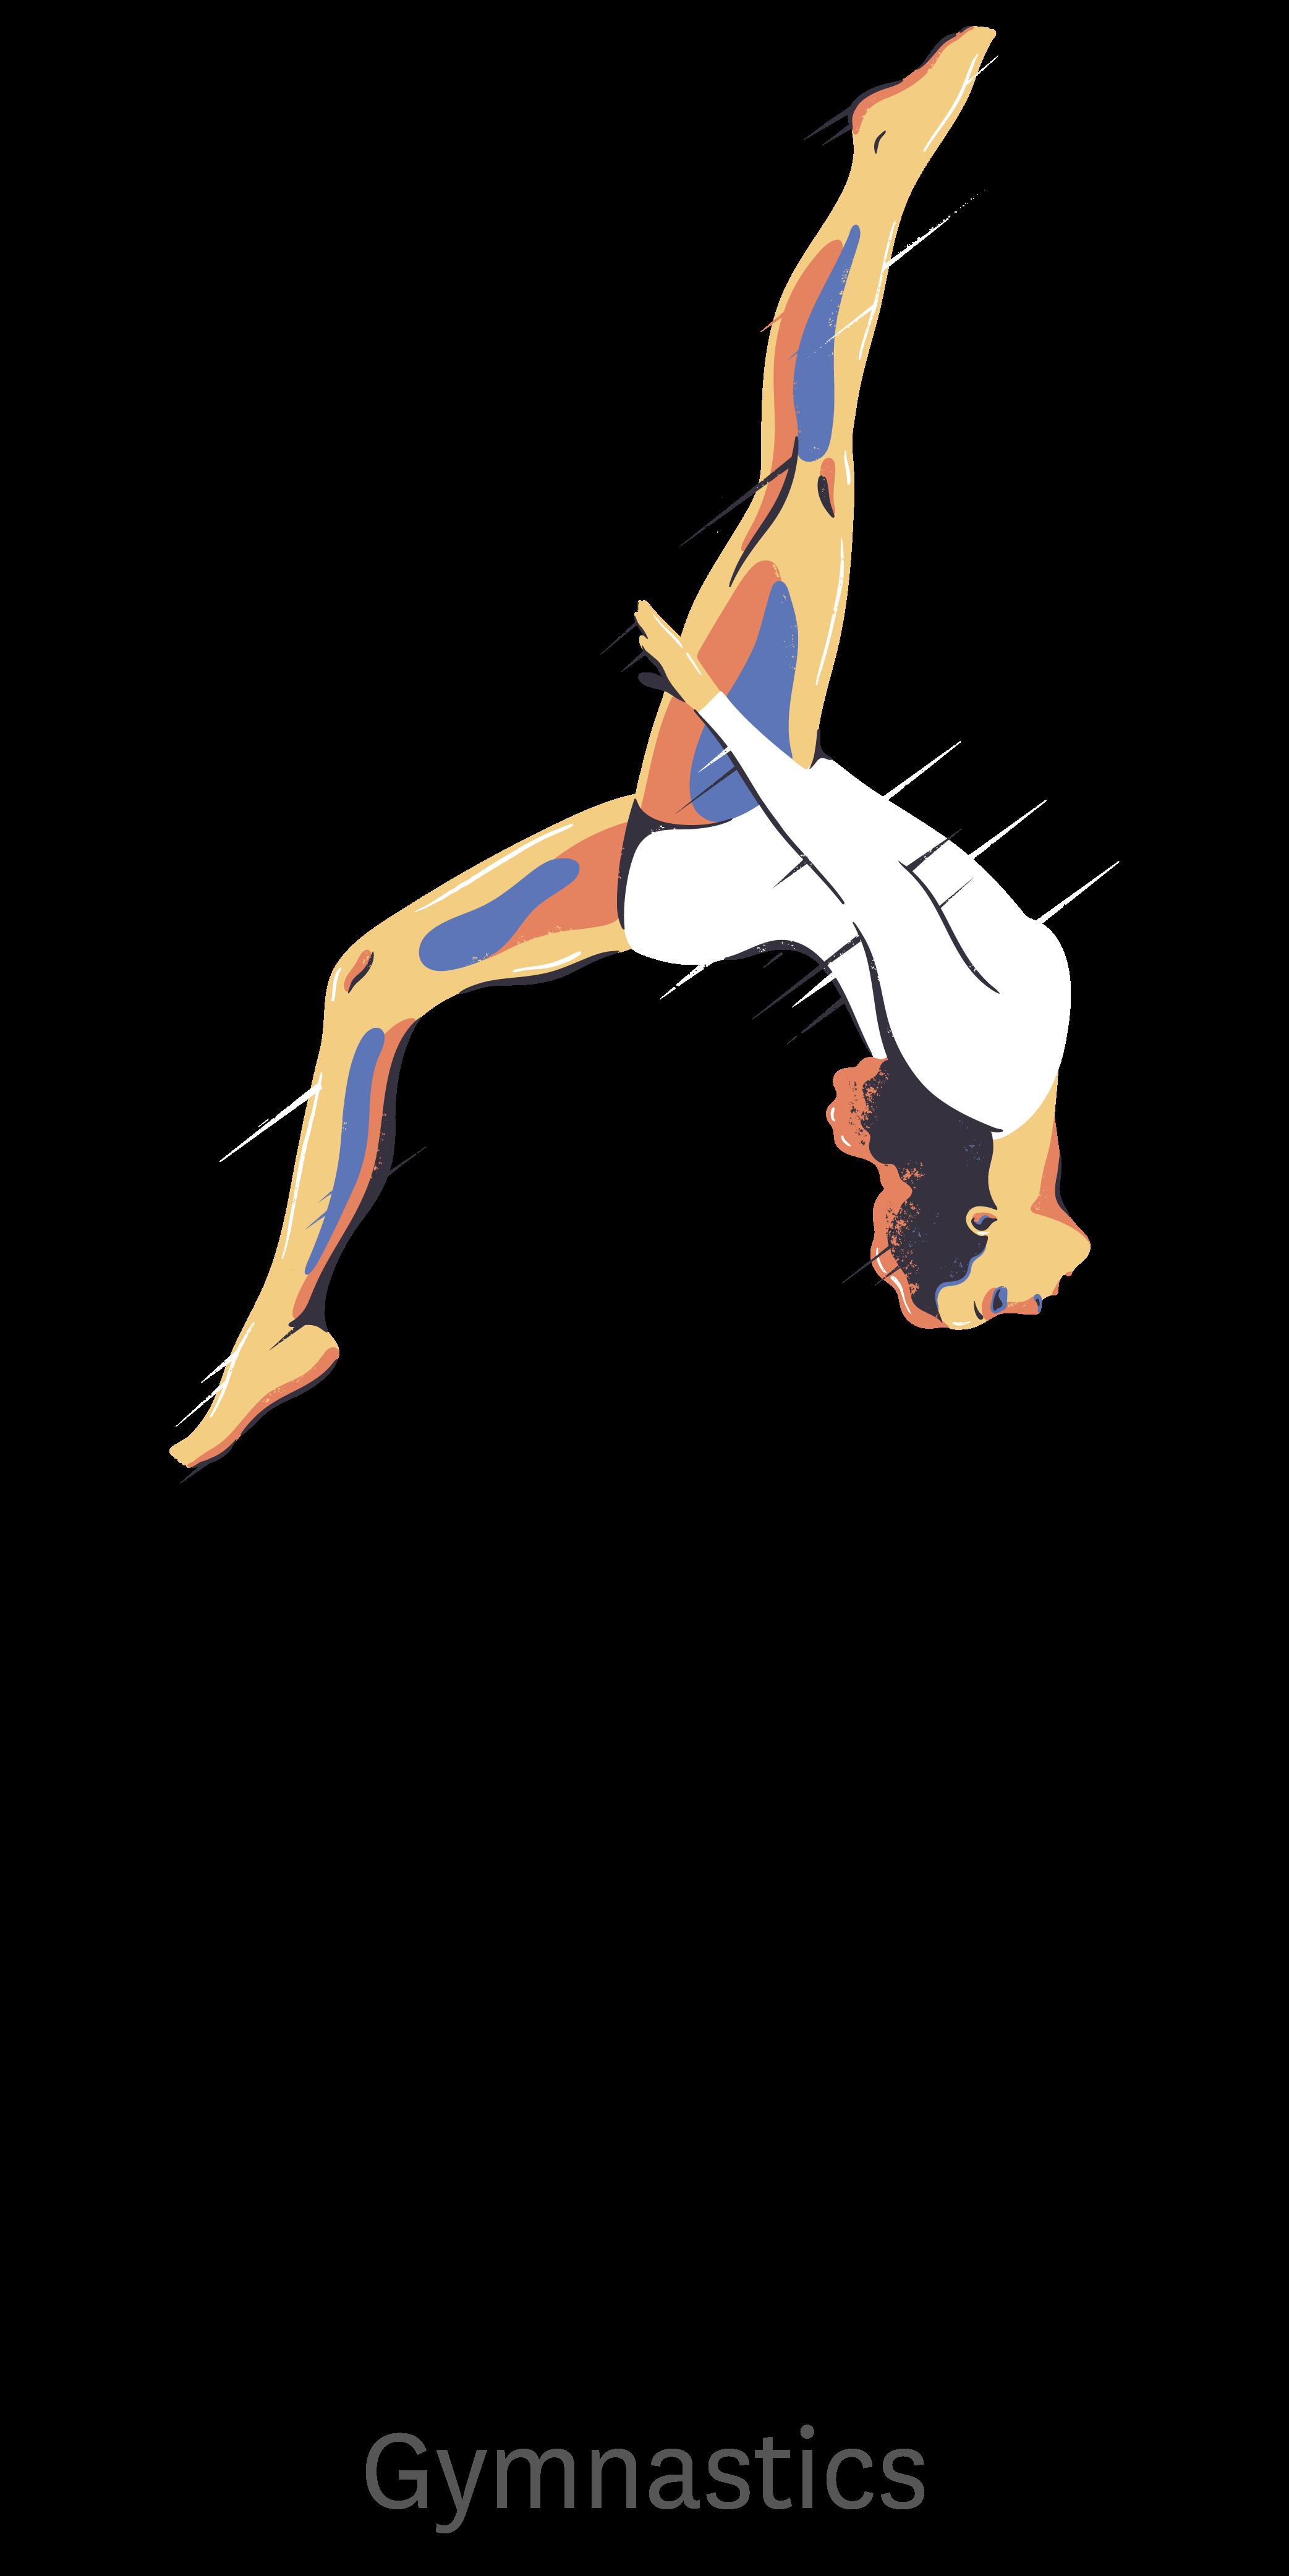 movement_sport_gymnastics.png